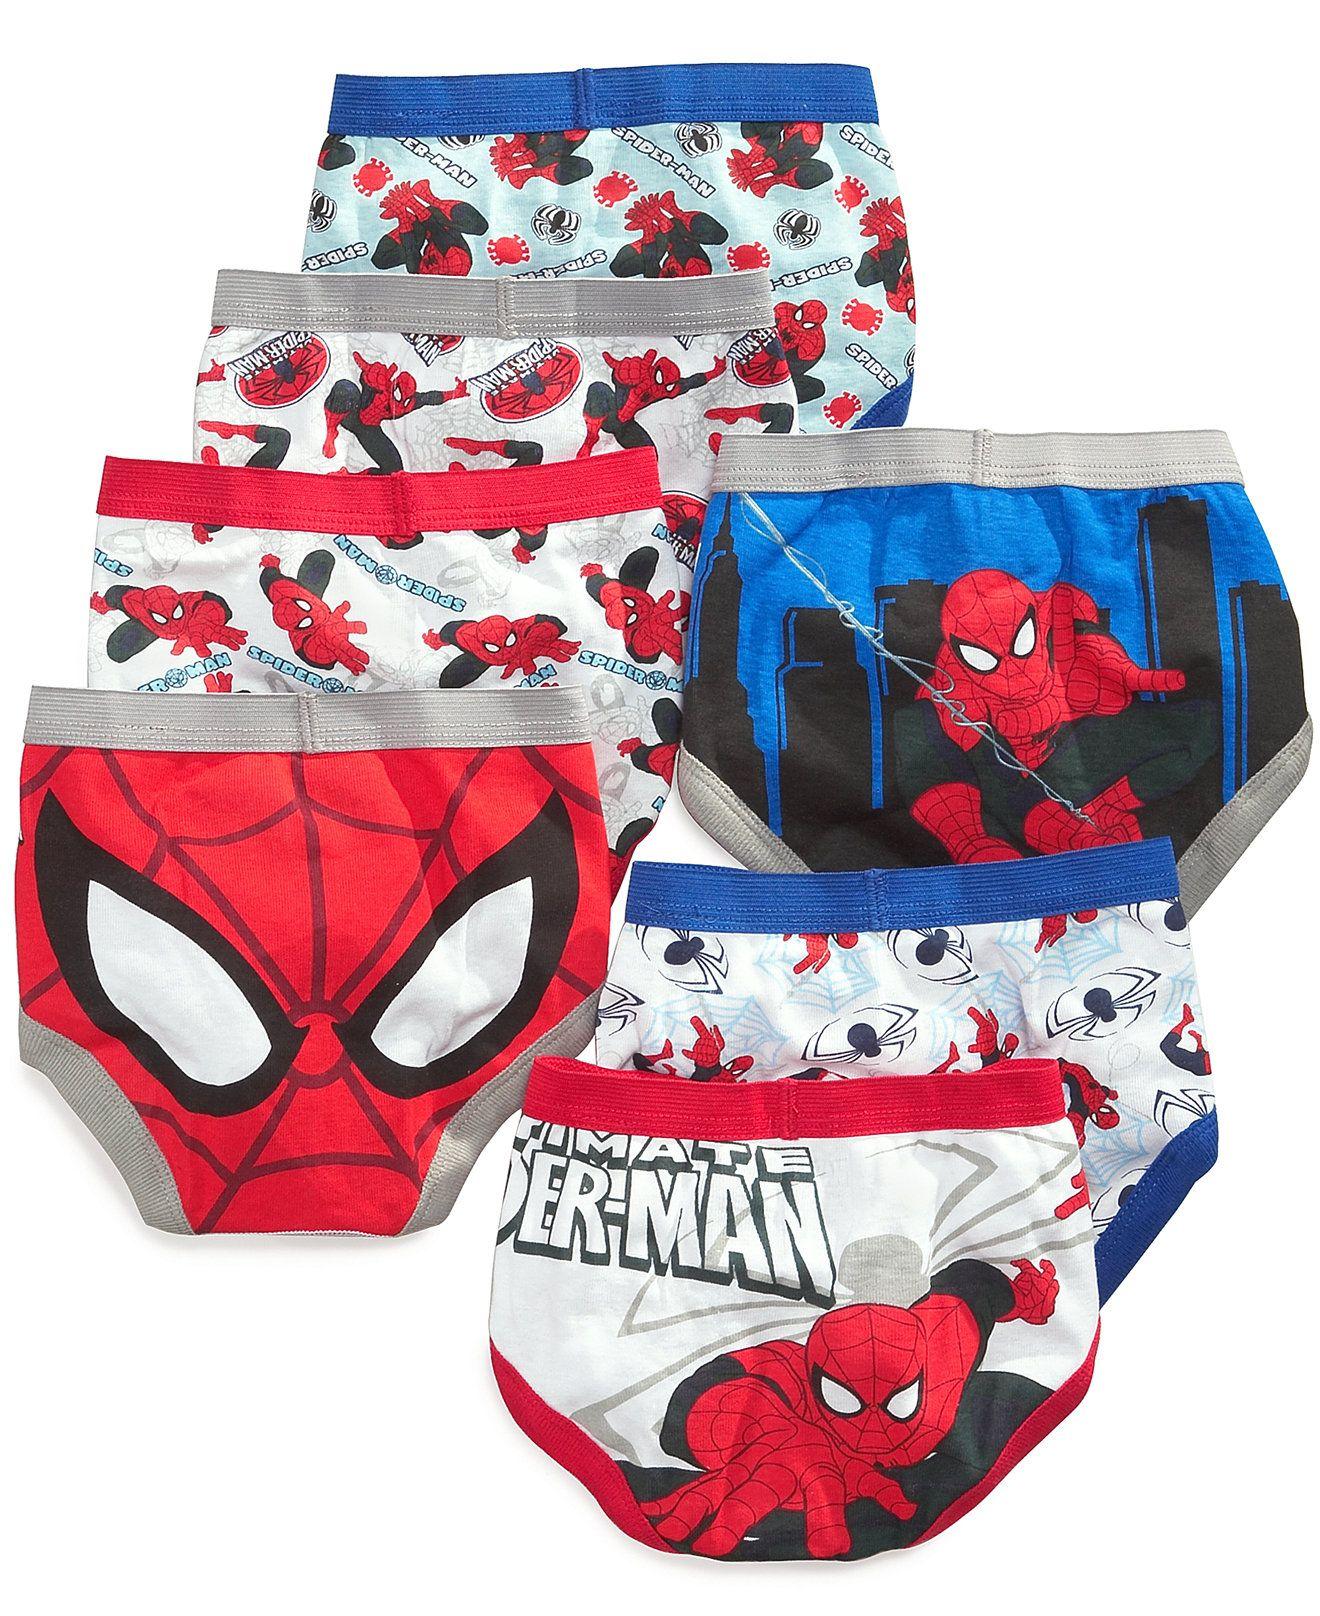 Kids Boys Official Marvel Avengers Socks 3 Pack Set